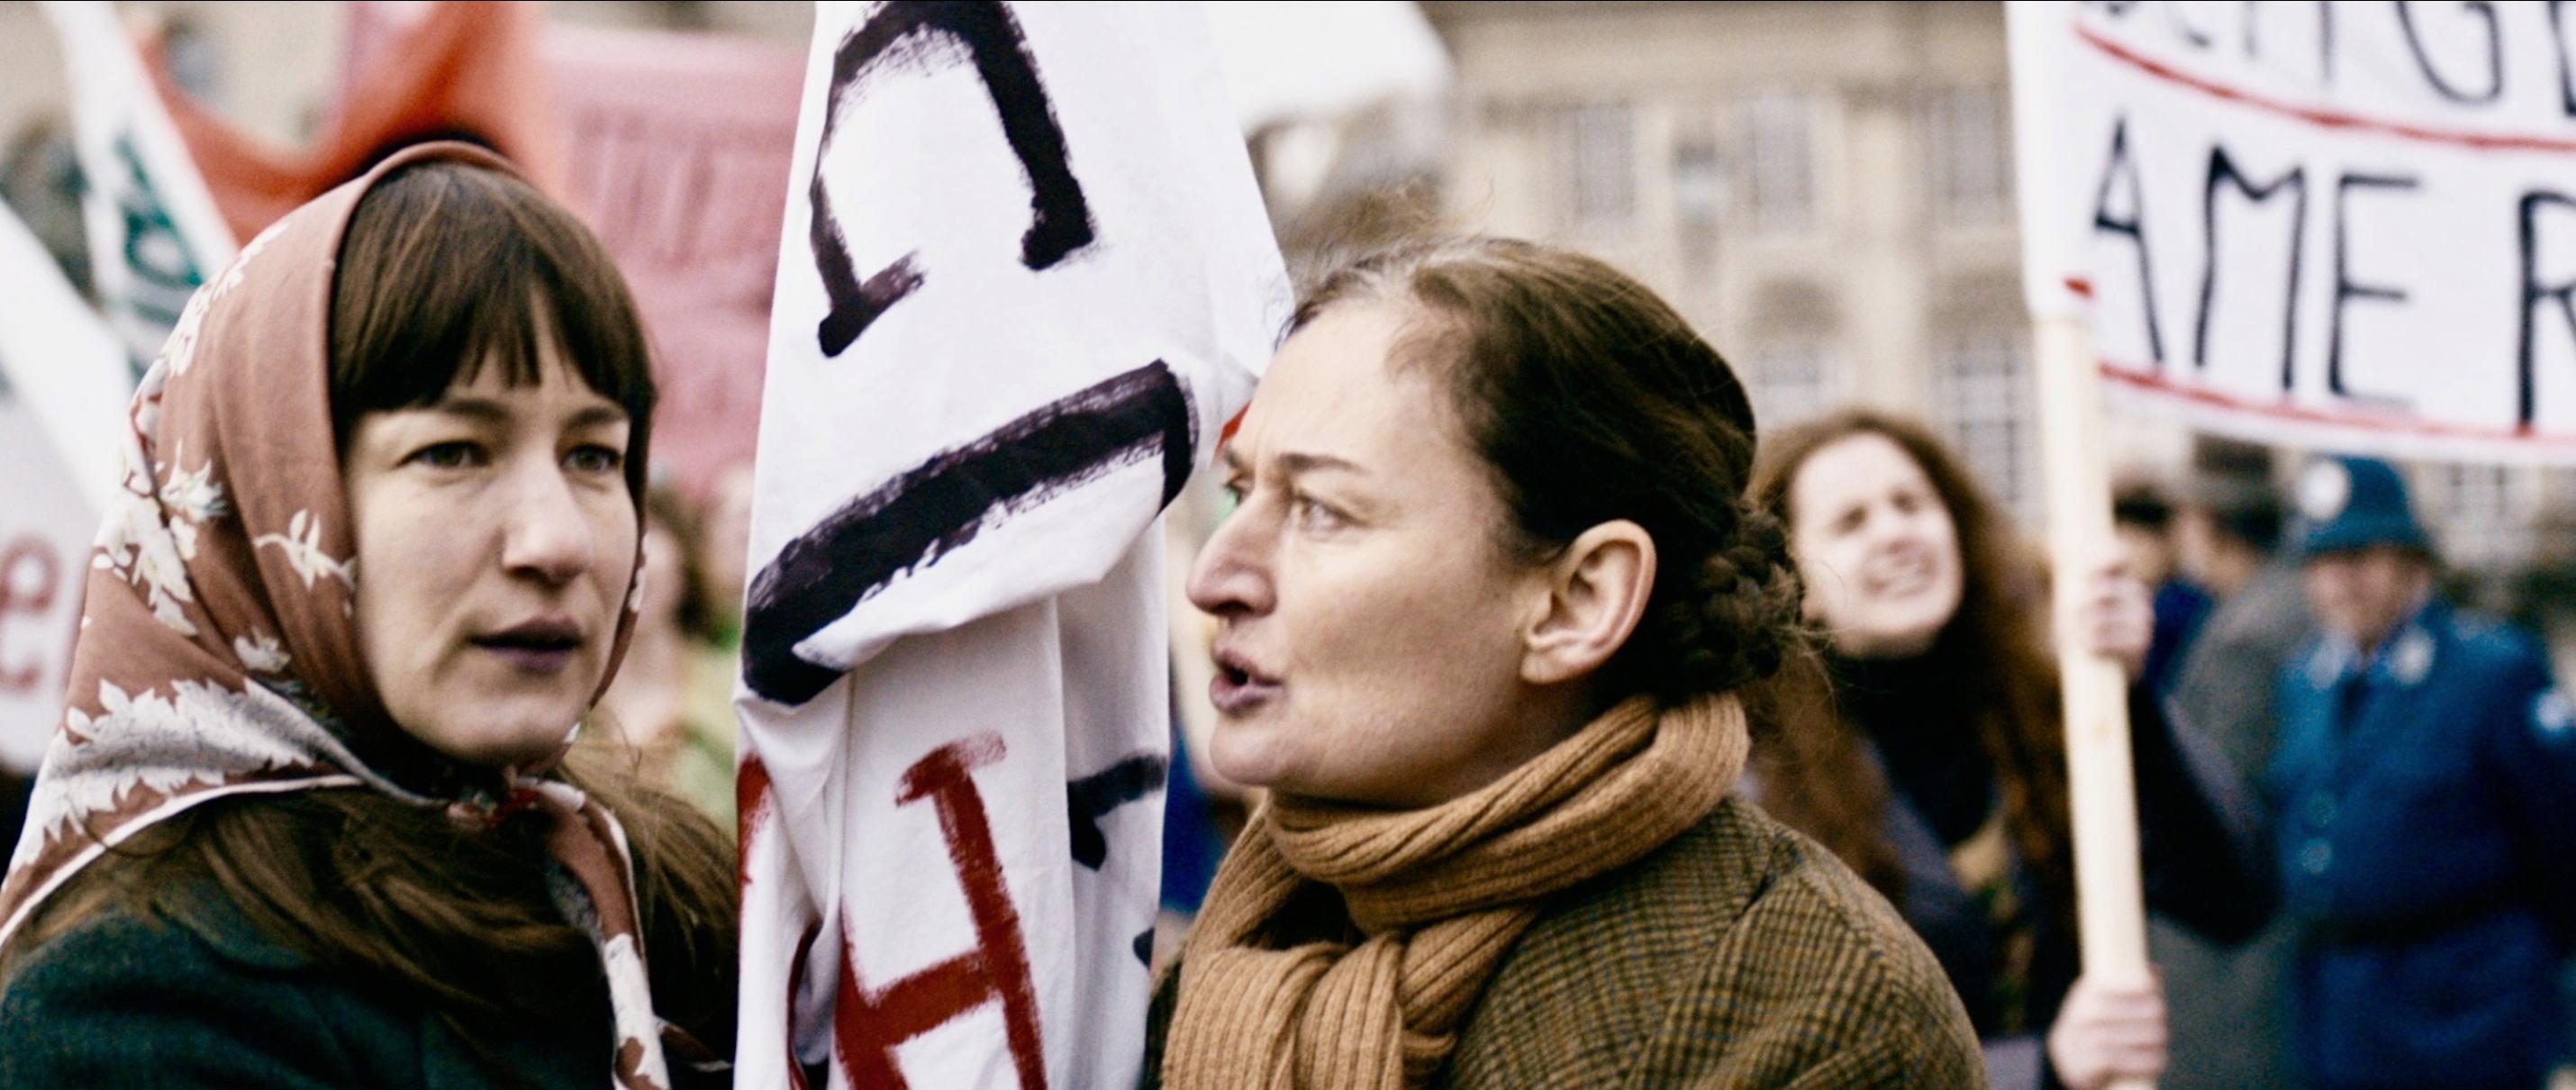 Die göttliche Ordnung - The Divine Order - auf der Demo - Frauenmarsch für das Frauenwahlrecht - Regie Petra Volpe - Kamera Judith Kaufmann